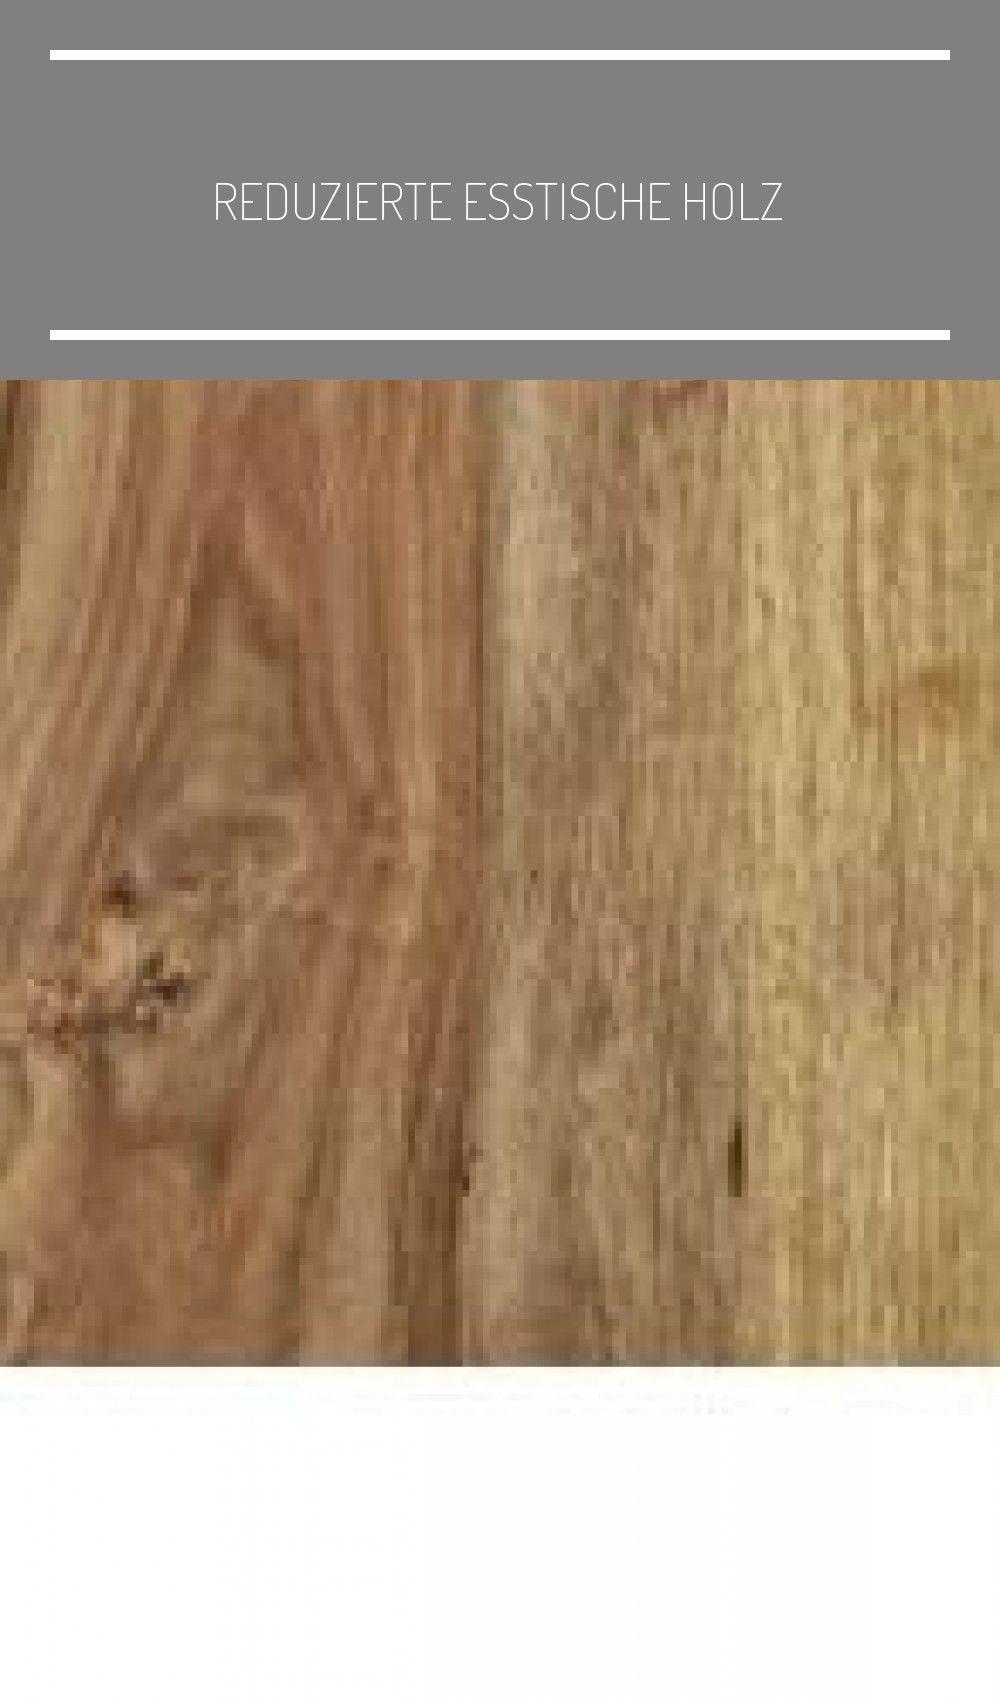 Pin On Holz Tisch Esszimmer